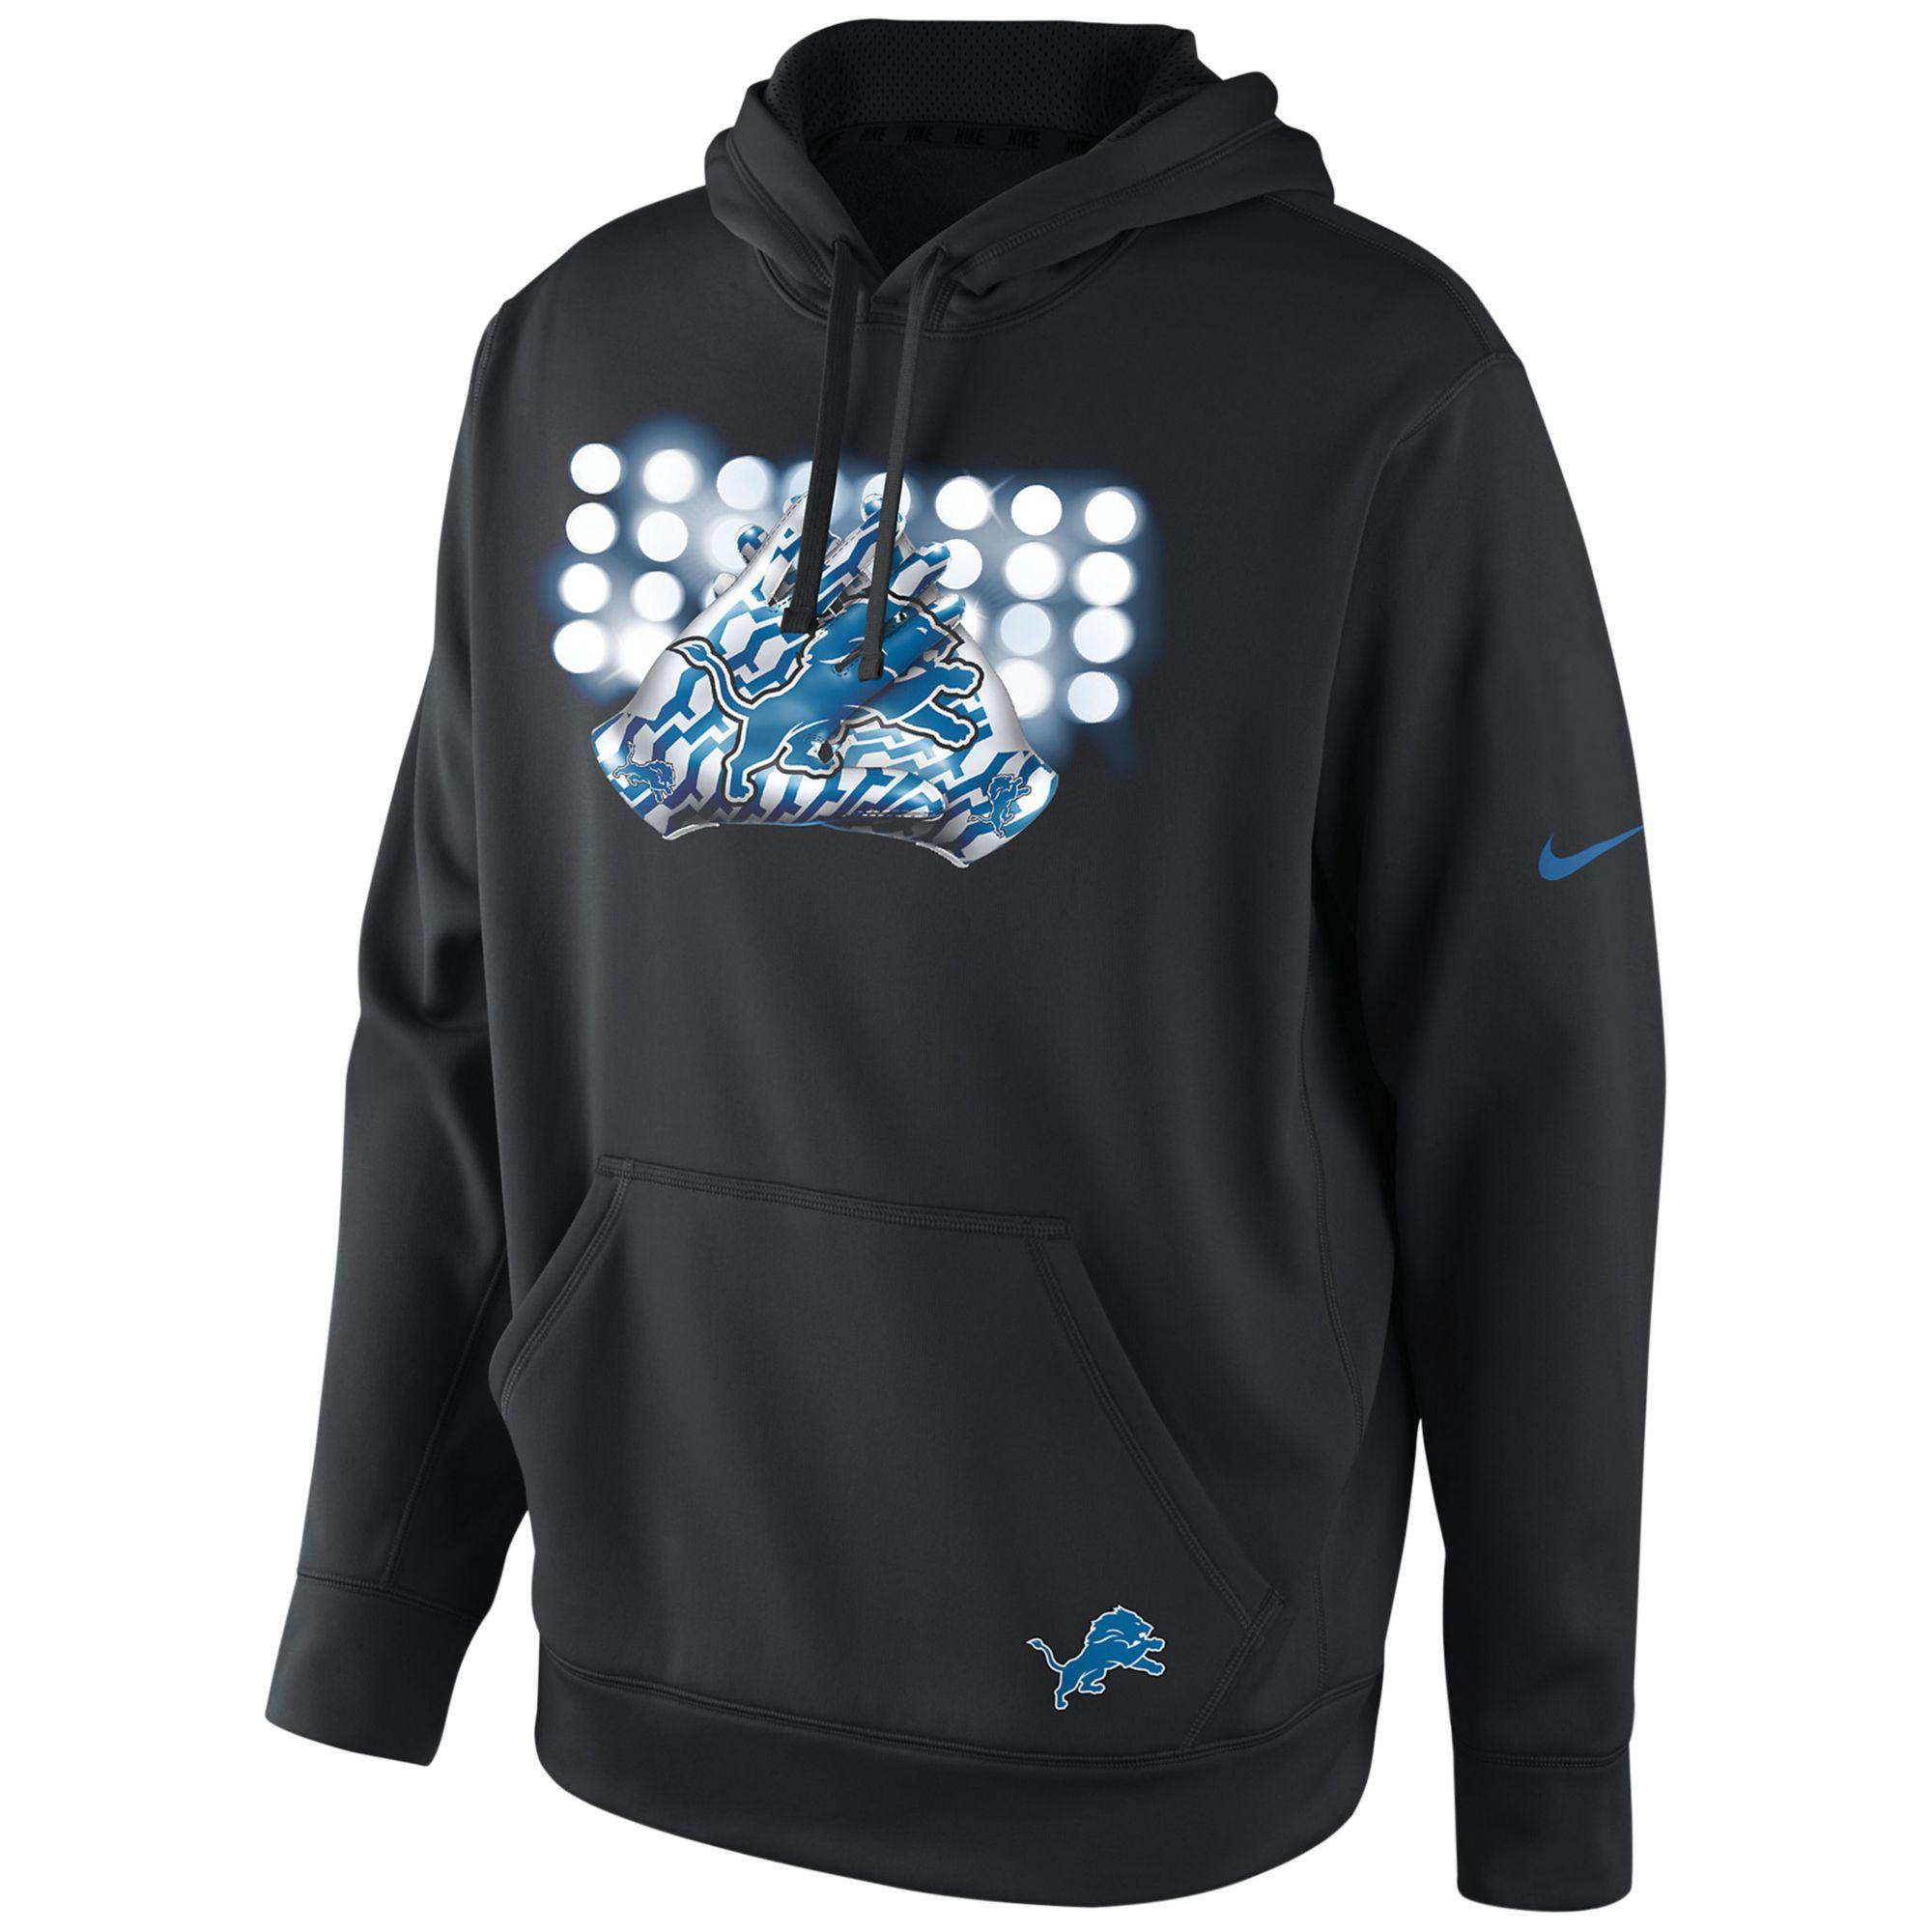 Nike hoodie for men